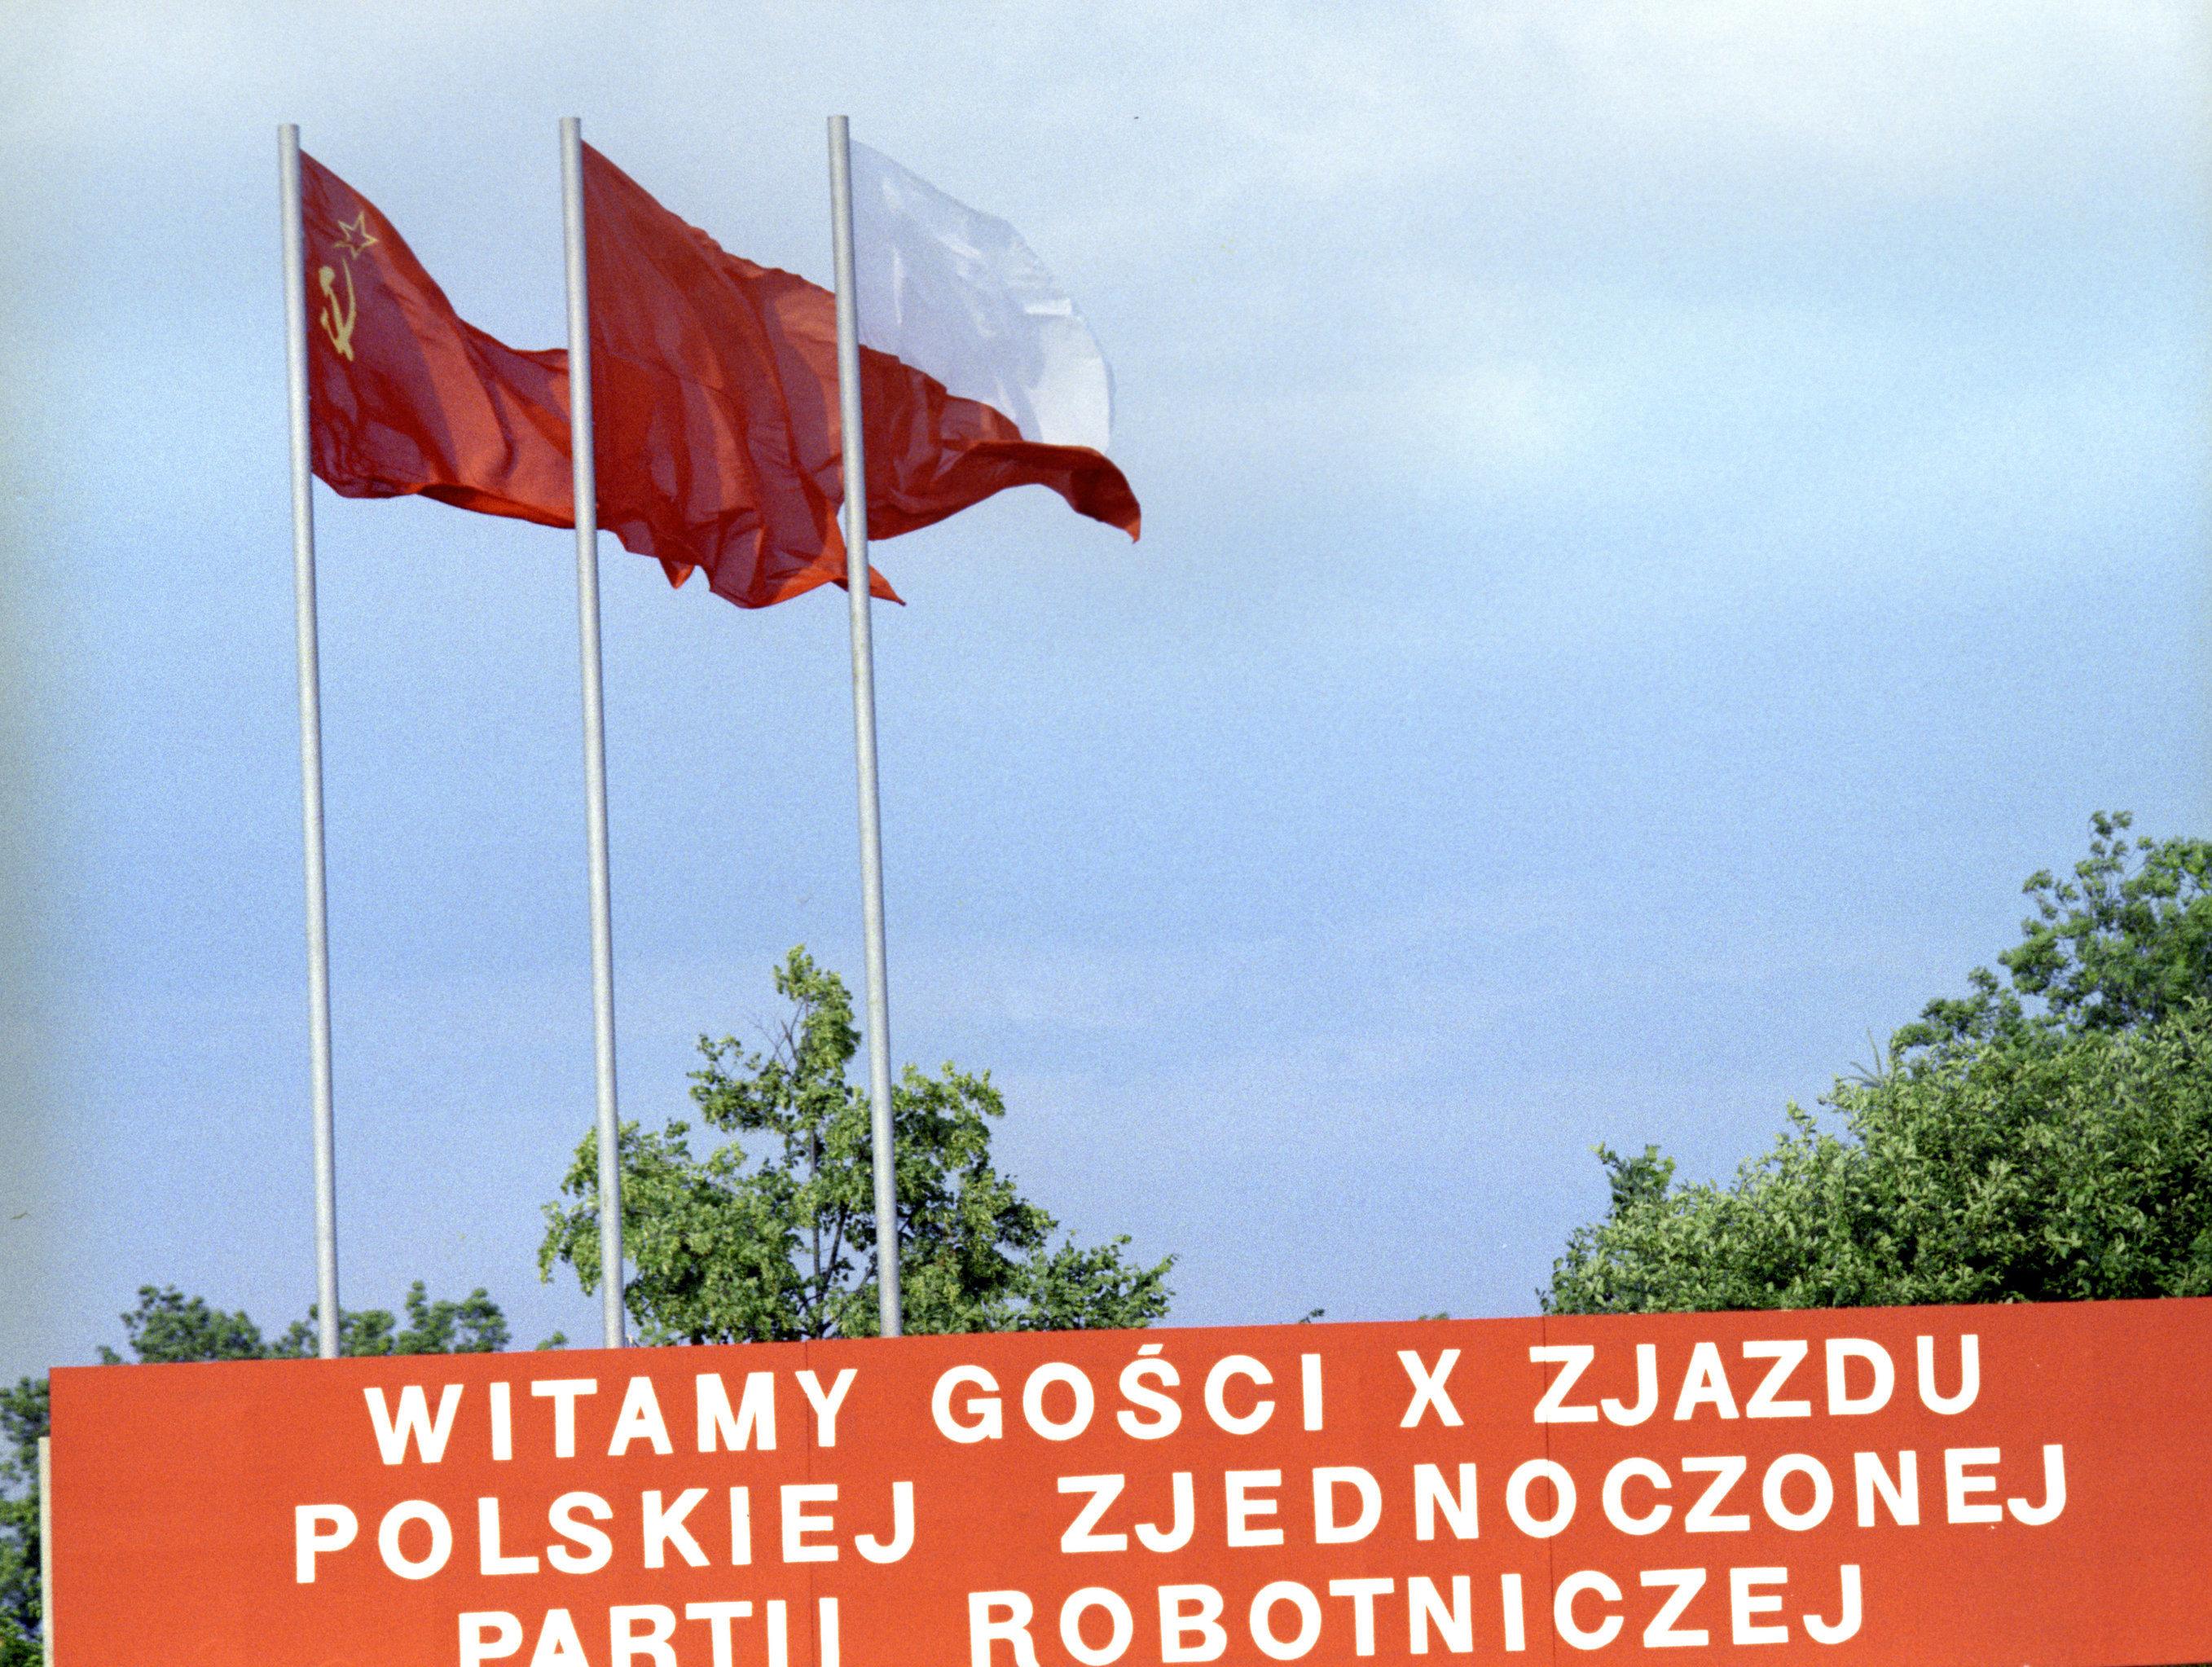 'Witamy gości X Zjazdu Polskiej Zjednoczonej Partii Robotniczej